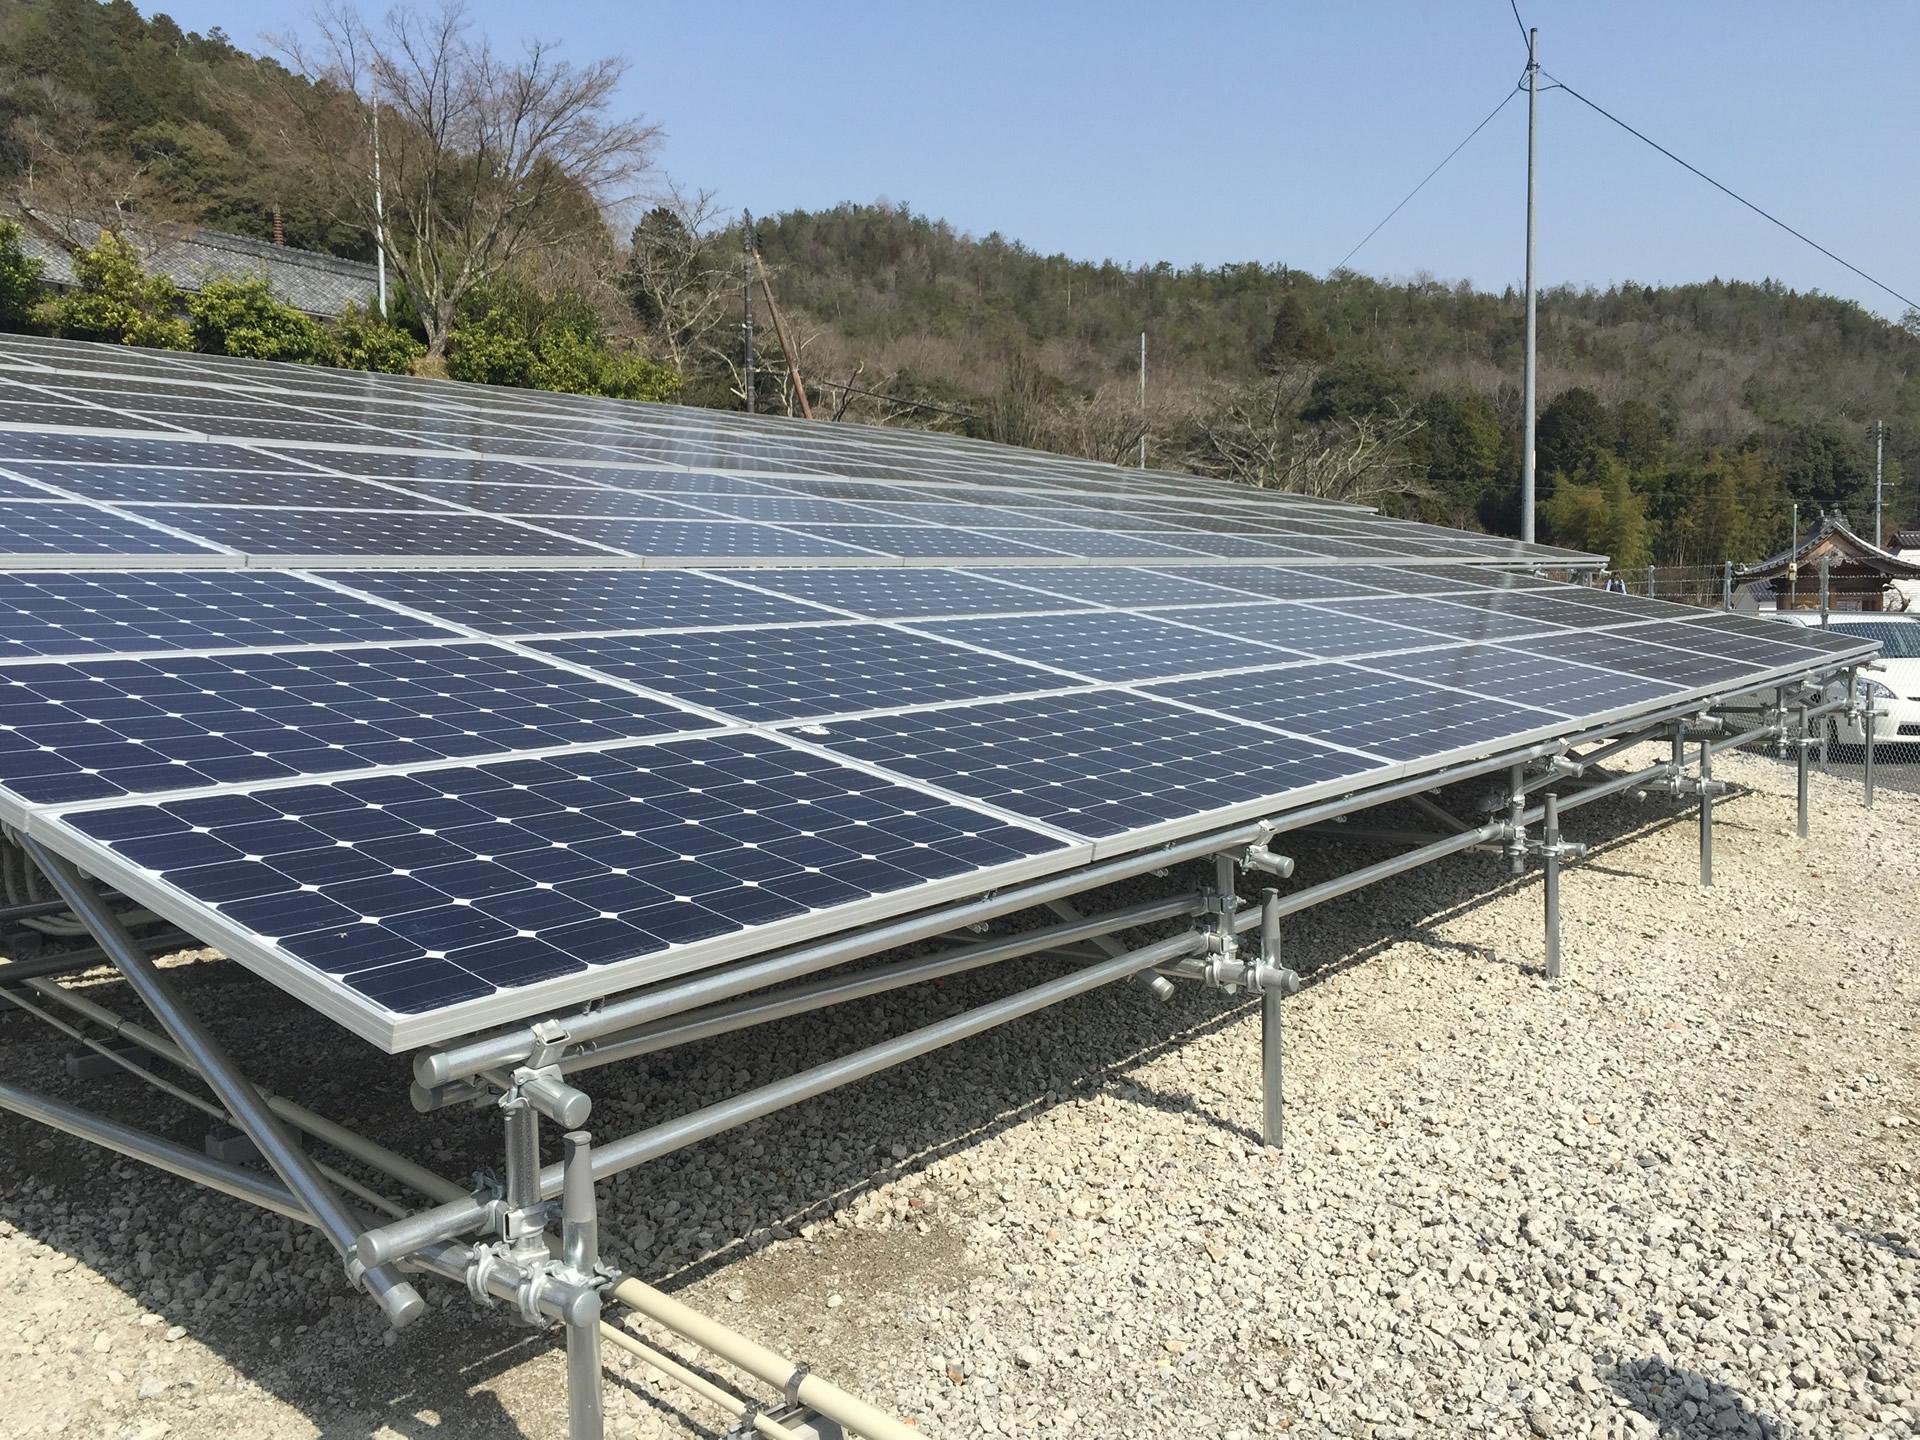 太陽光発電の過剰供給による制度見直し